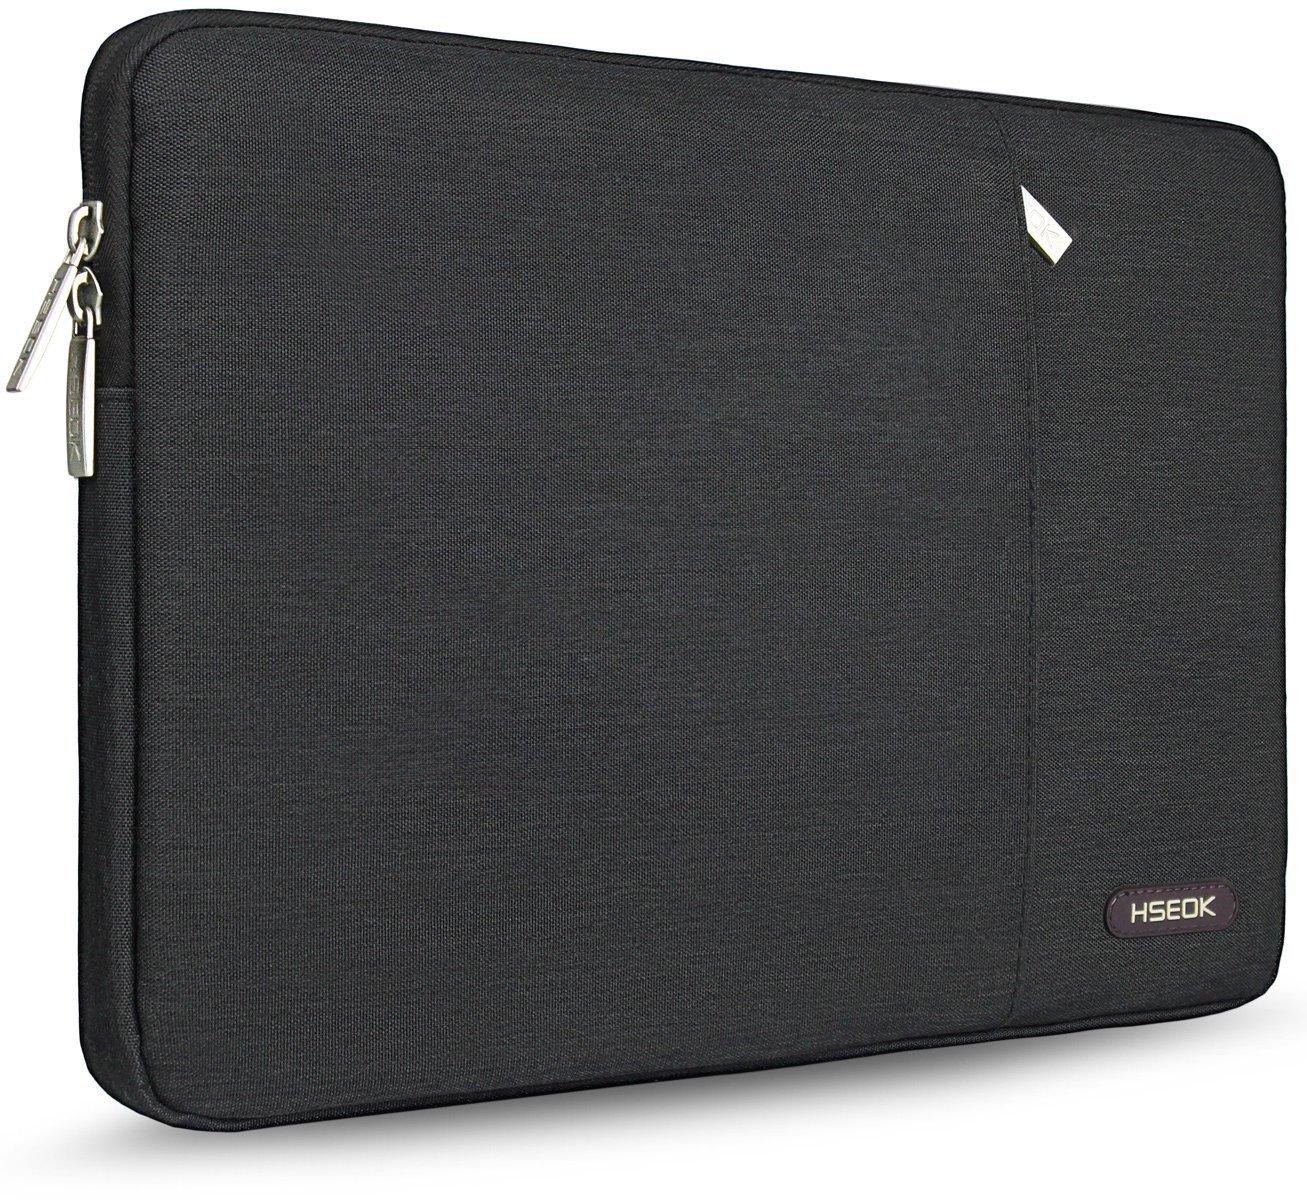 Compatibile da 15-15,6 Pollici Dell//Ausu//Acer//HP//Toshiba//Lenovo//Surface book Custodia Computer PC 15.6 Pollici Notebook Portatile Borsa Sleeve a 2 Scomparti Impermeabile Nero